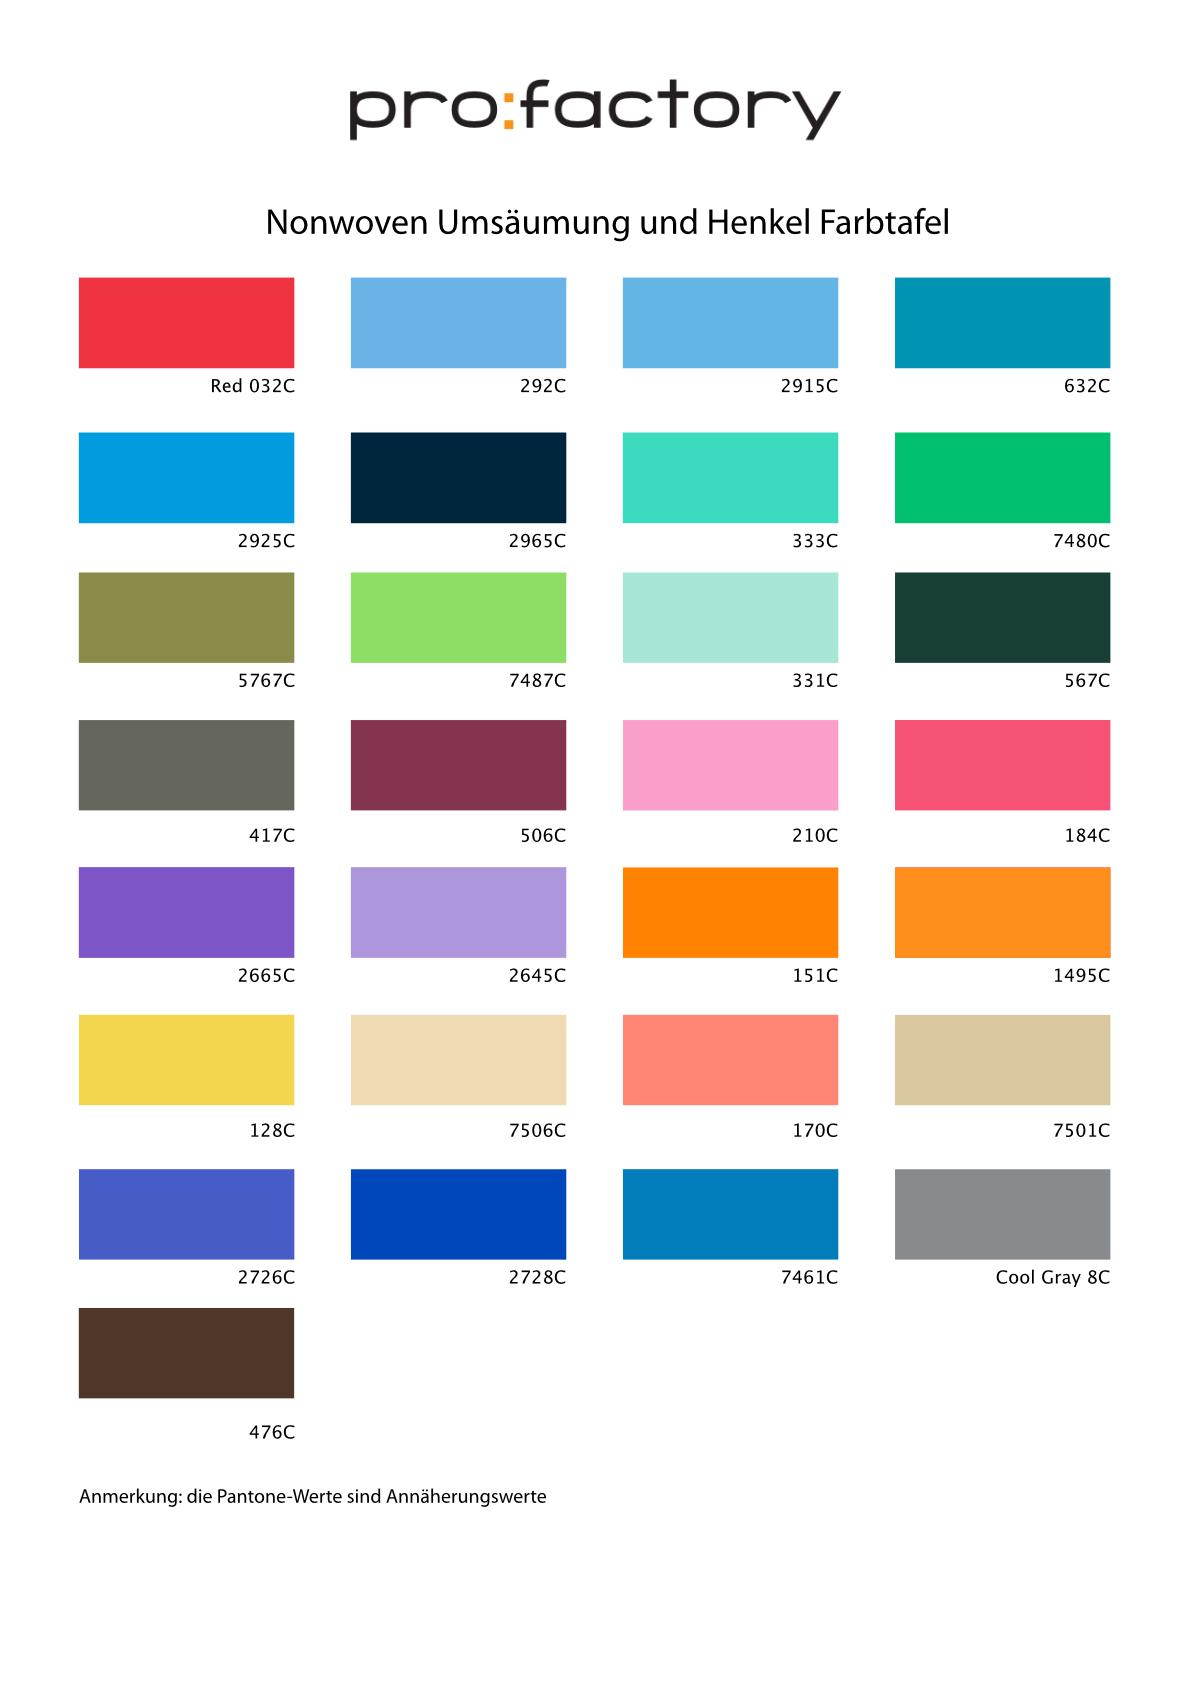 Nonwoven-Taschen-Farbauswahl-Umsaeumung